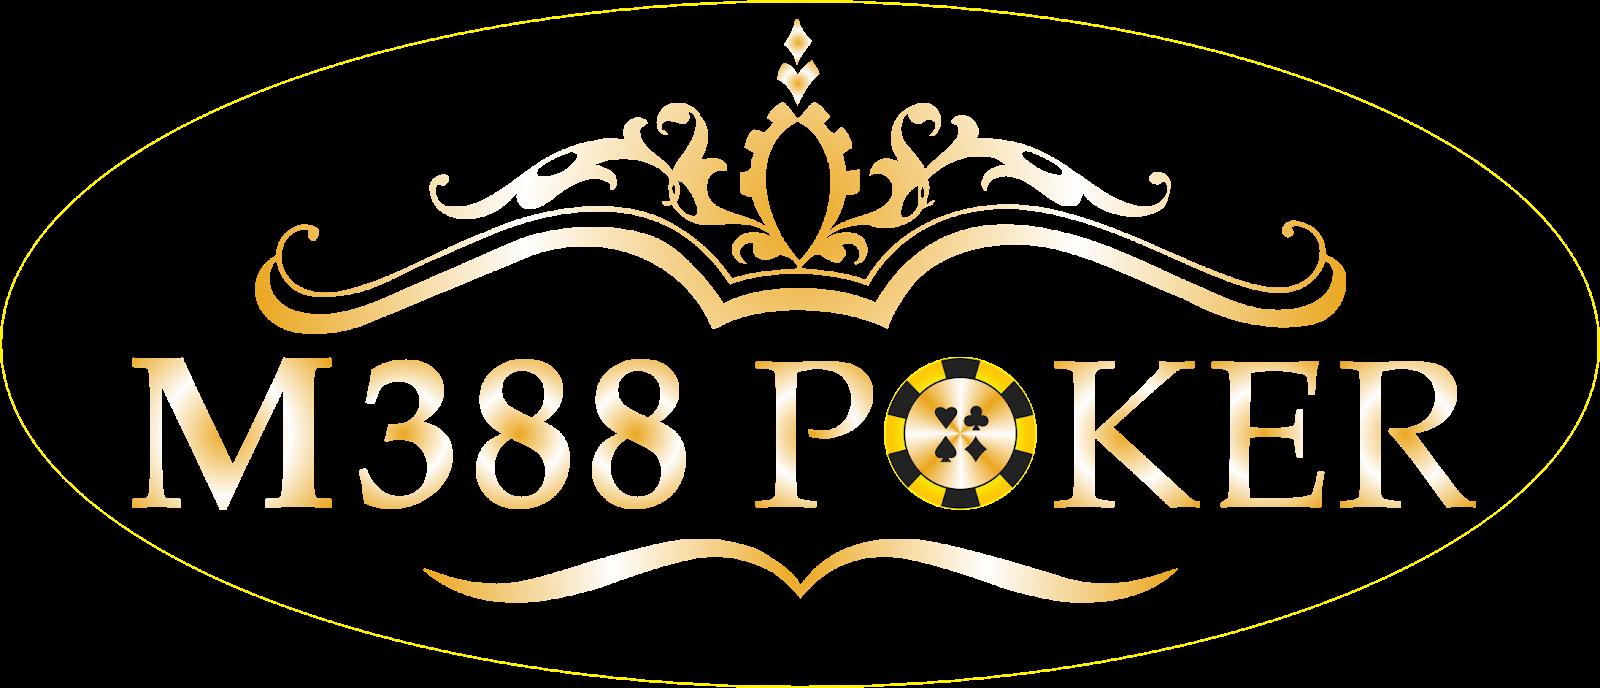 M388poker Situs Poker Bonus Terbesar